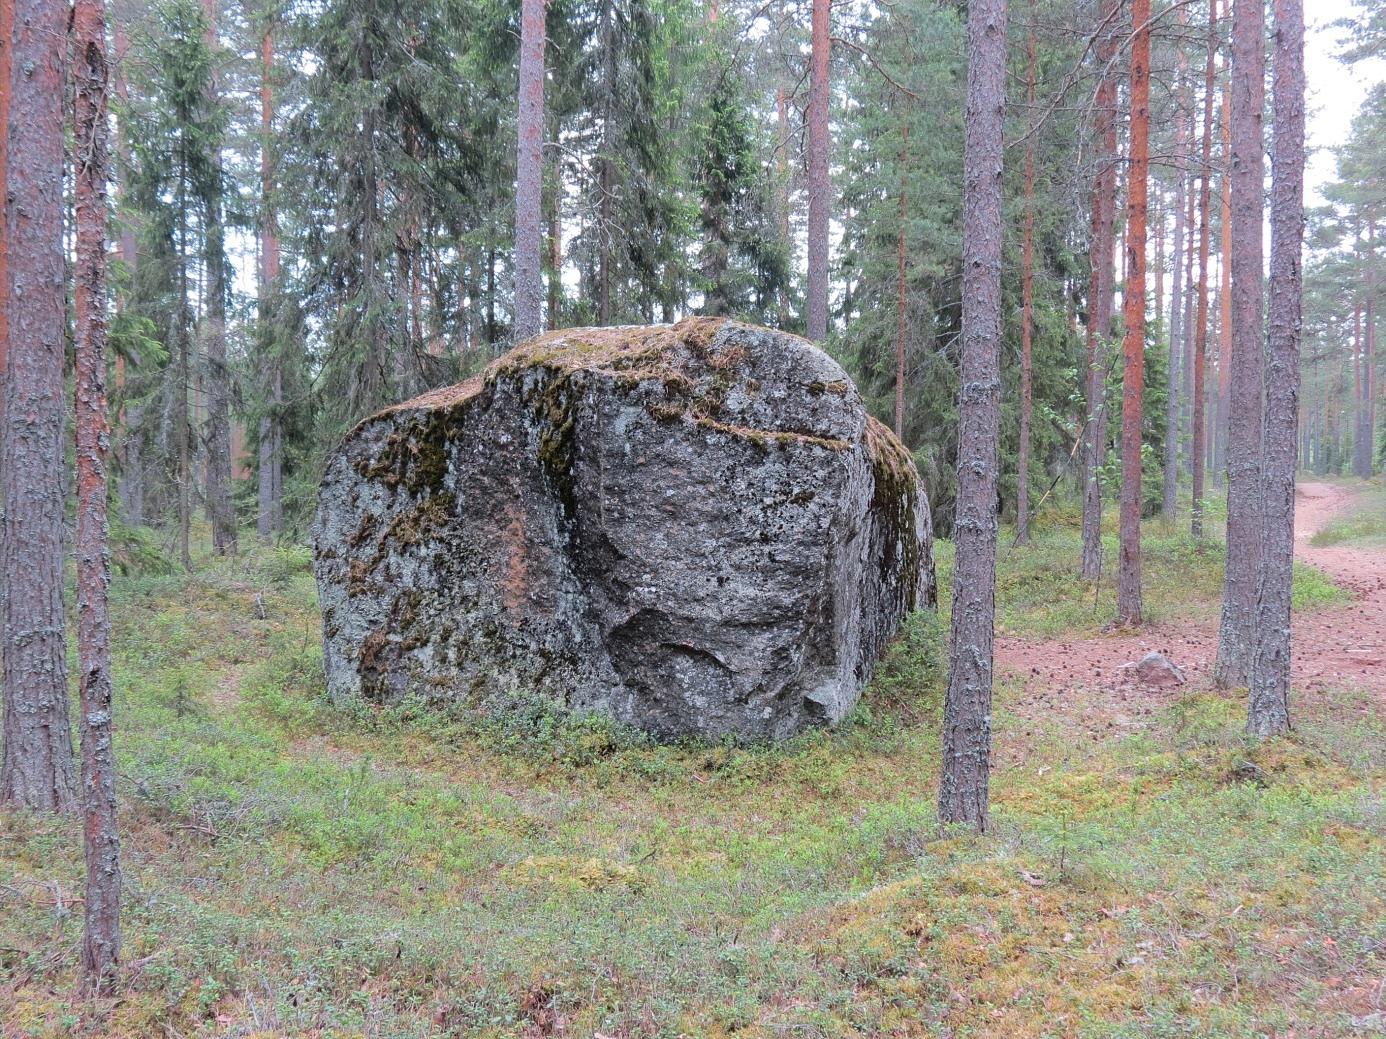 Här stenen fotograferad från norr och det syns tydligt hur stenen kilats sönder och delar av den förts bort. Till höger på bilden syns motionsspåret som går väldigt nära stenen. Det är inte riktigt lätt att klättra upp på den över två meter höga stenen och åtminstone för byns pojkar har det räknats som ett mandomsprov att på egen hand komma upp på den.